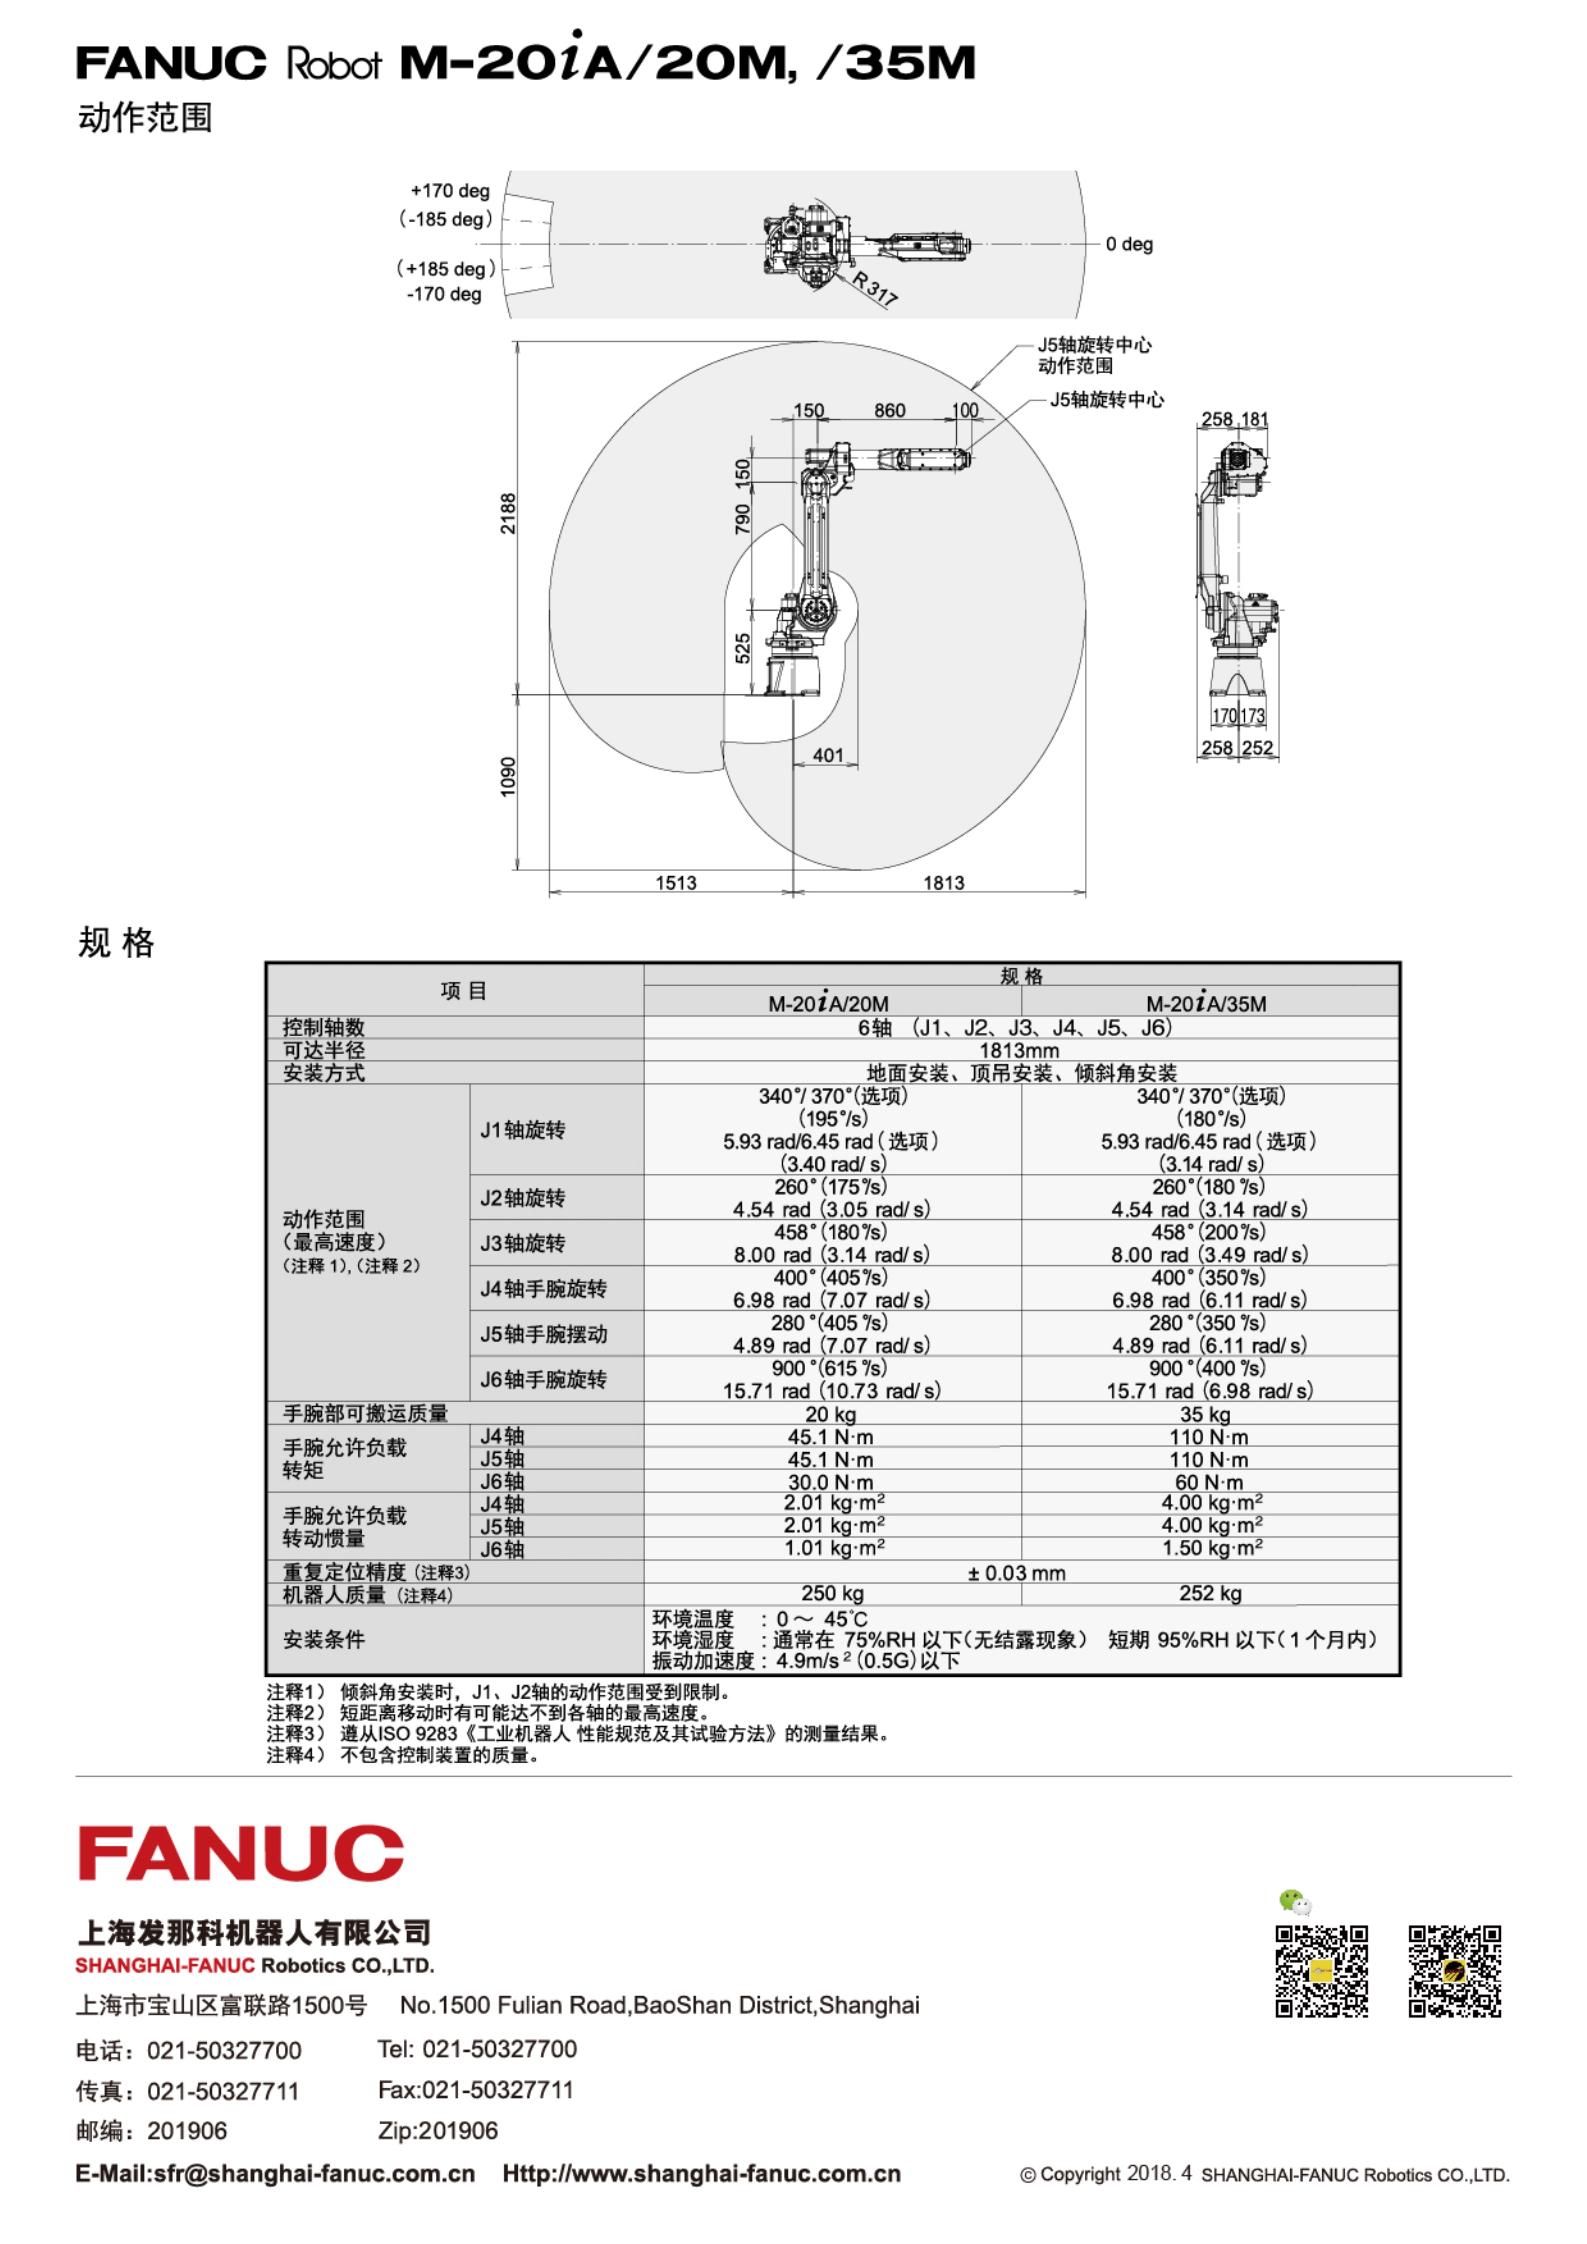 fanuc3